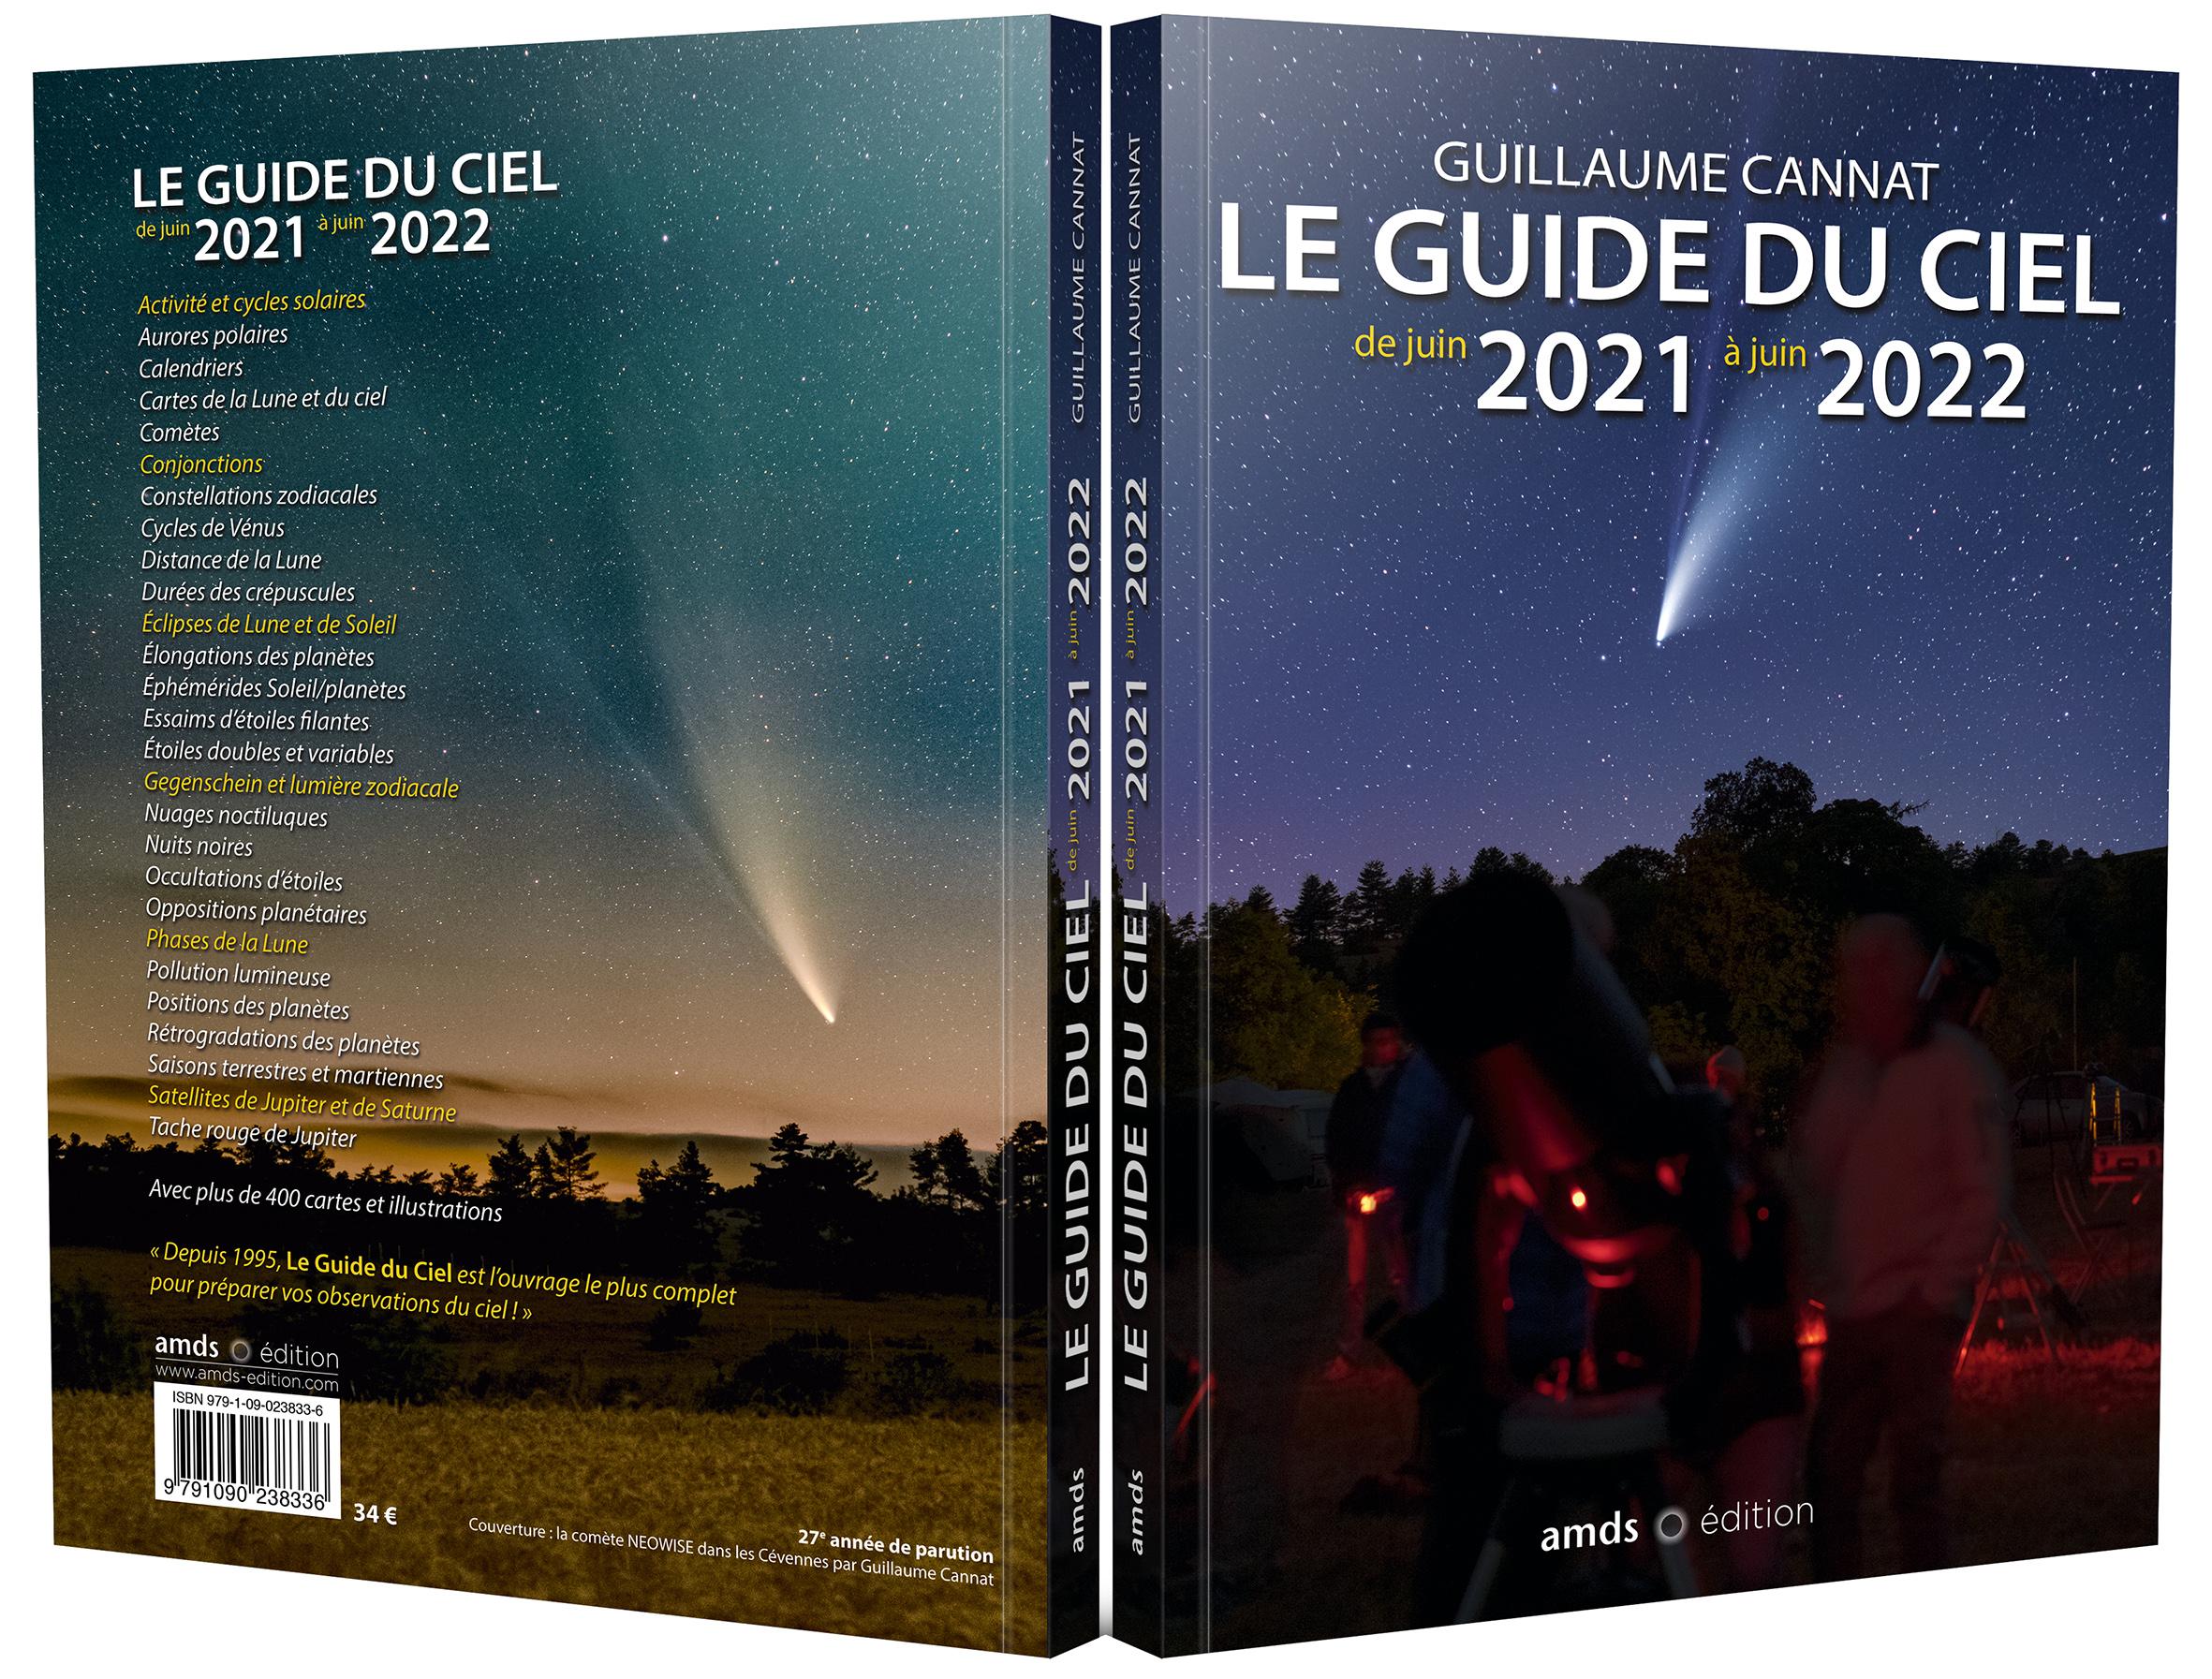 Calendrier Astronomique 2022 Le site Web de Guillaume Cannat